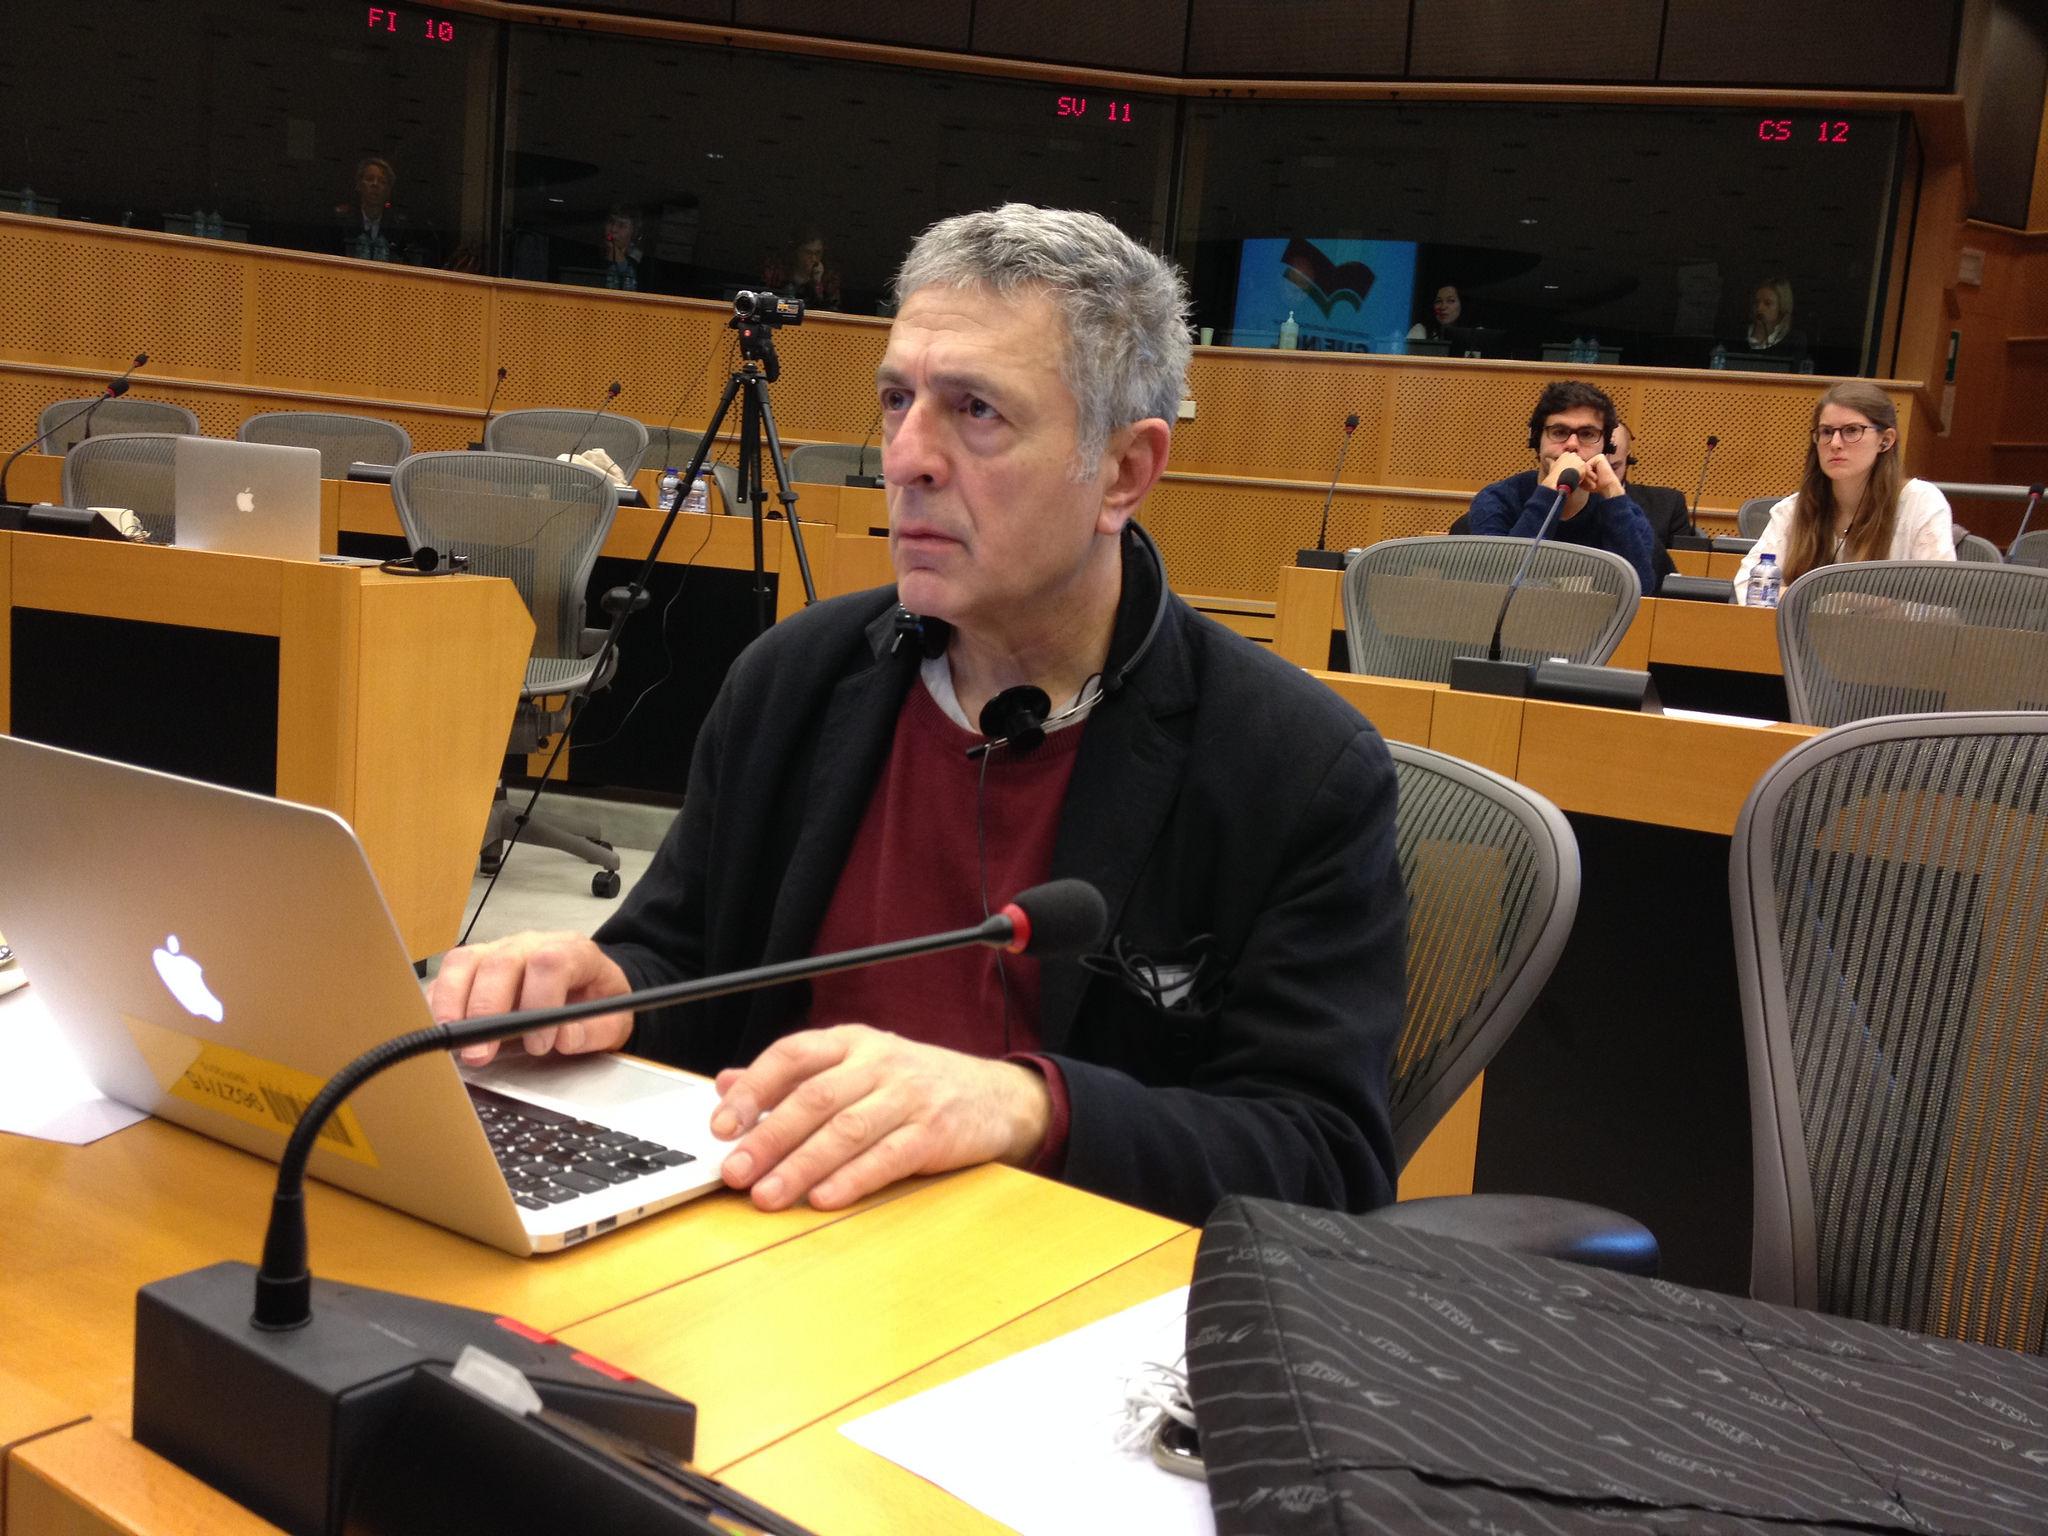 Στ. Κούλογλου: Ο Ερντογάν ρίχνει ανθρώπινες βόμβες στην Ευρώπη - ηχητικό